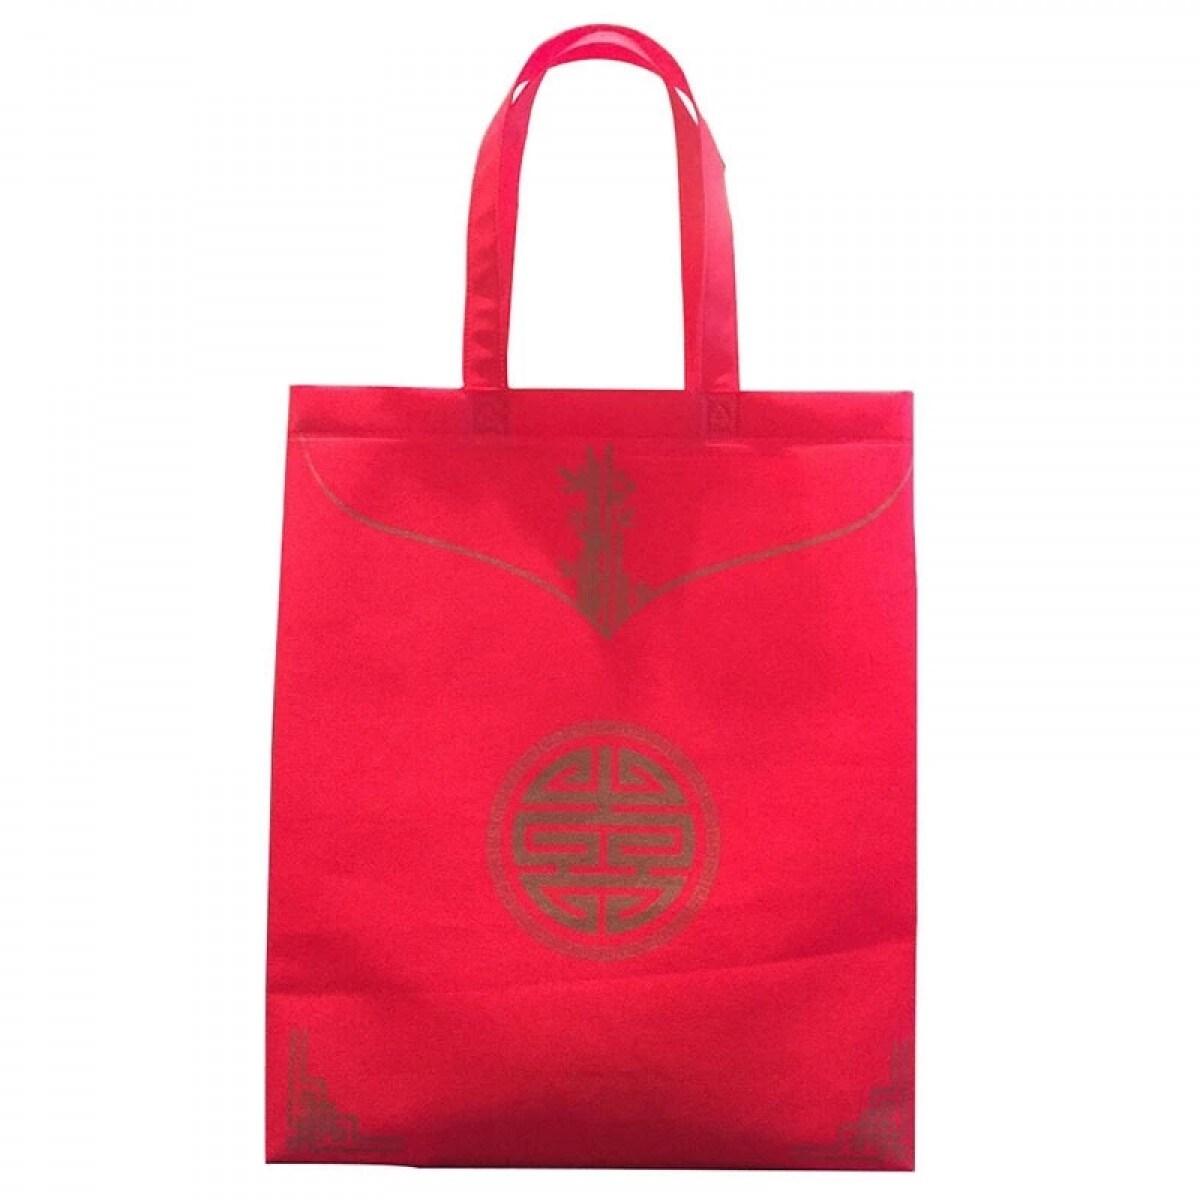 红色喜庆礼品袋现货 过年佳节送礼无纺布袋 加厚婚庆婚礼无纺布袋